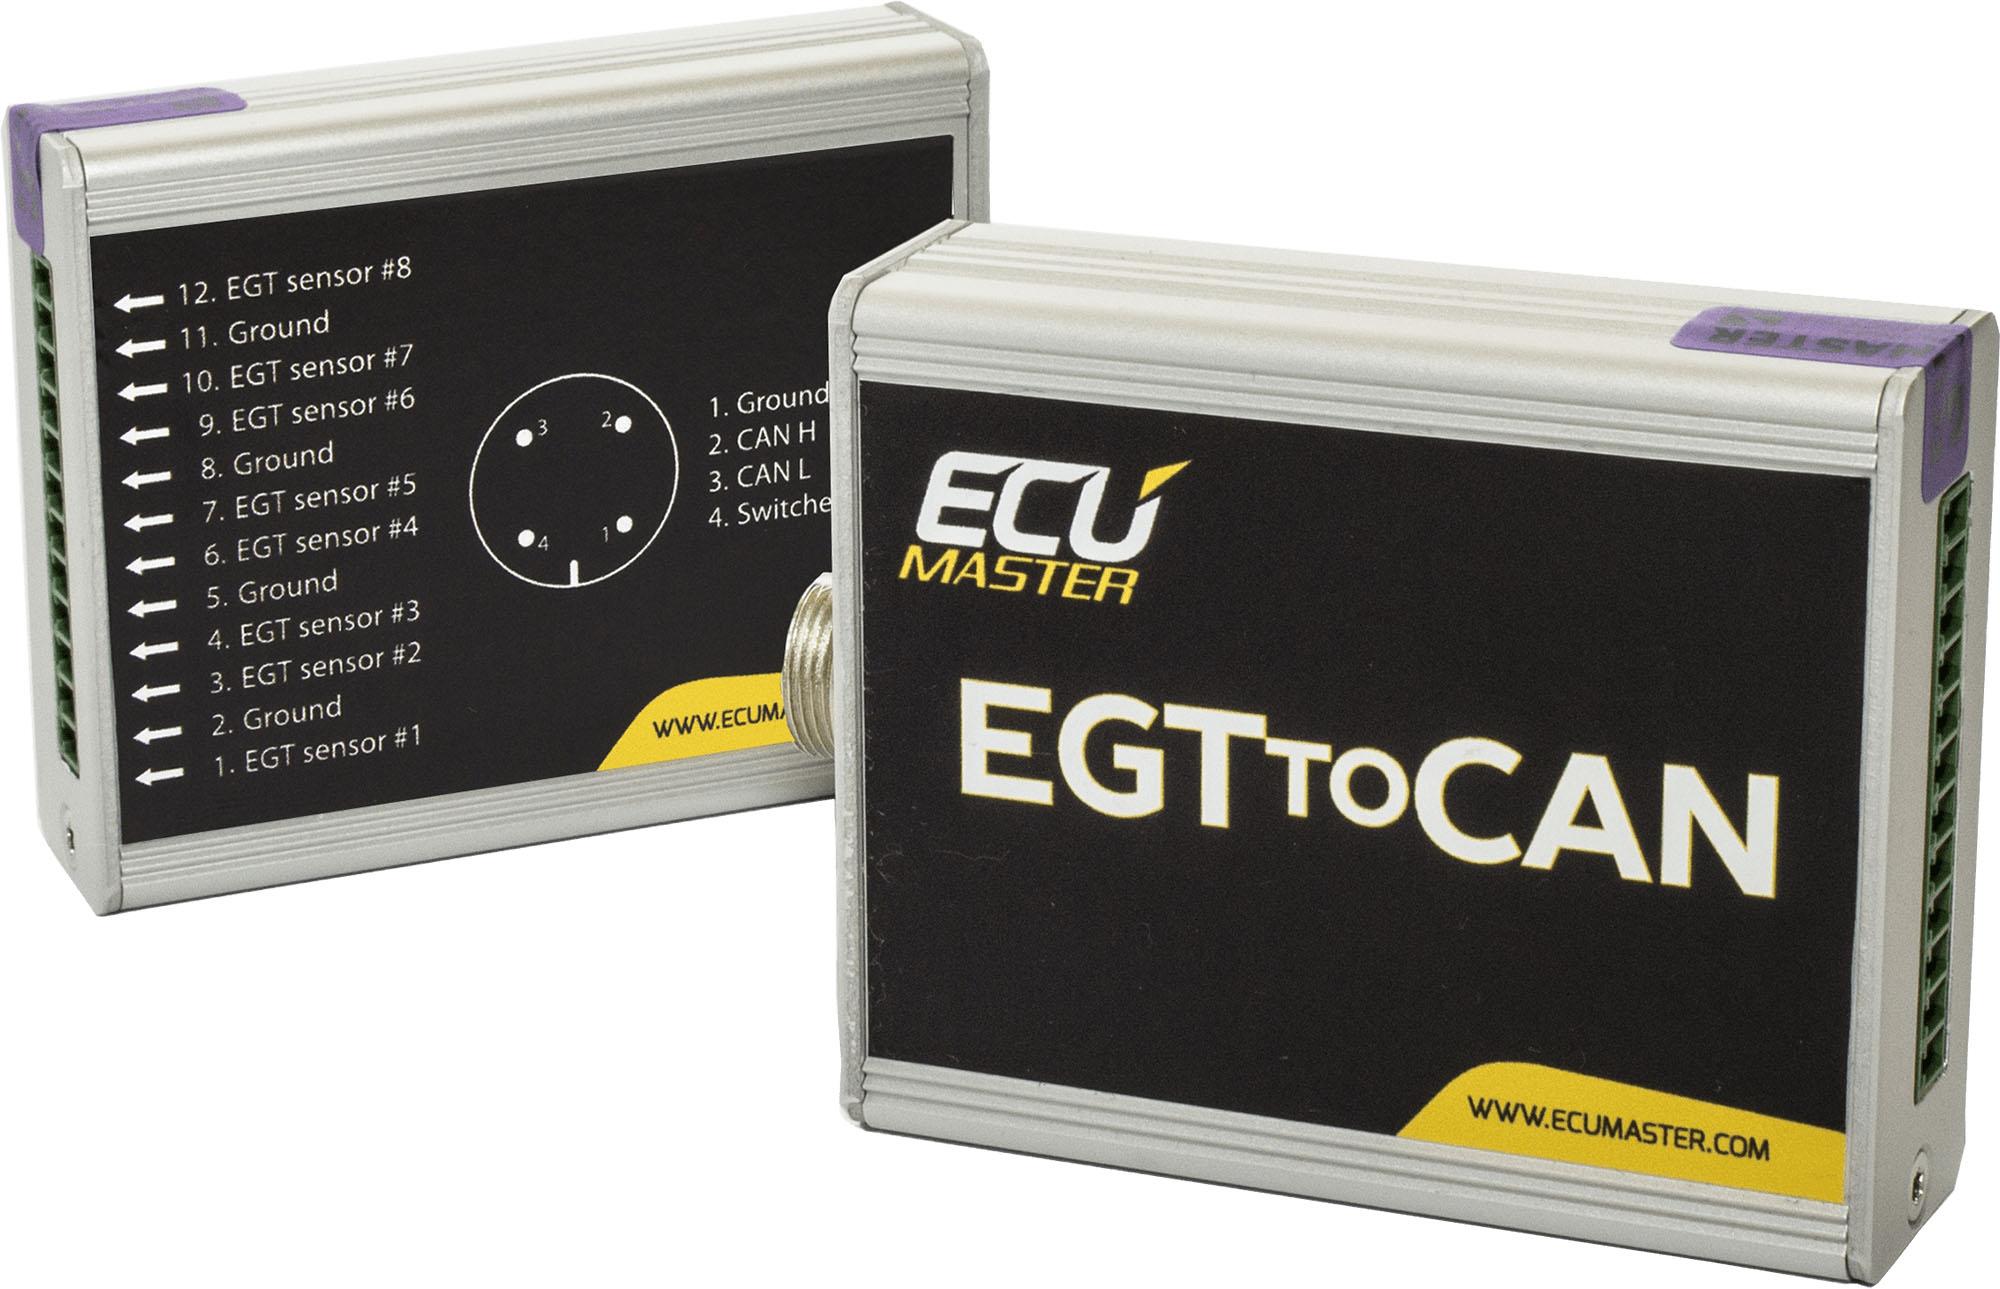 Ecu Modules